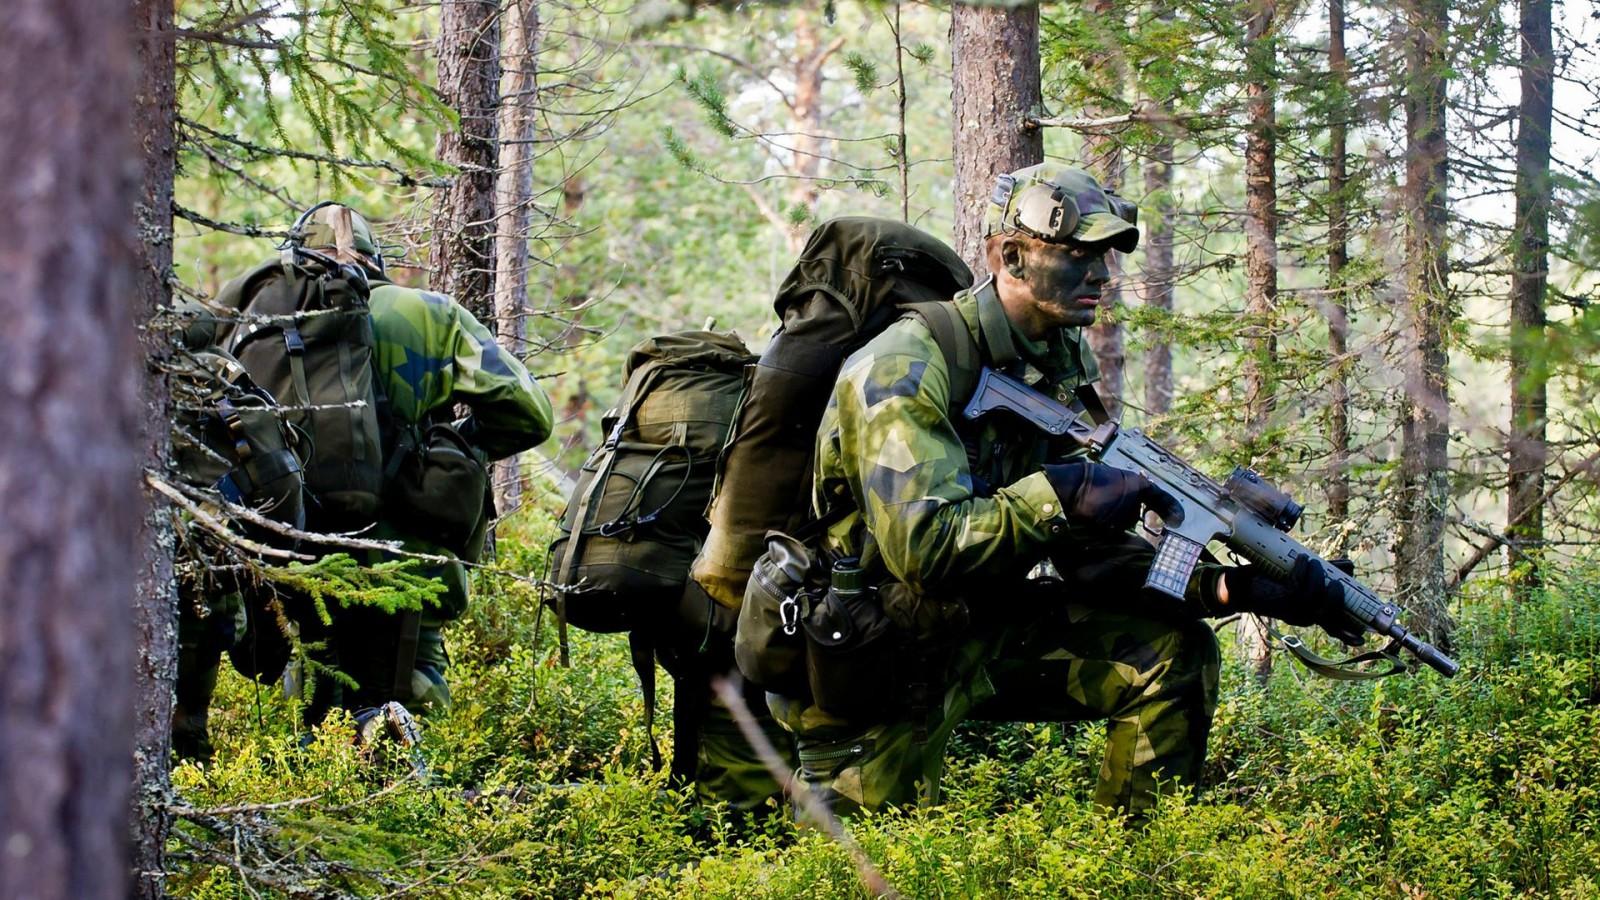 Бельгийская армия присоединилась к охоте на ультраправого солдата в лесу